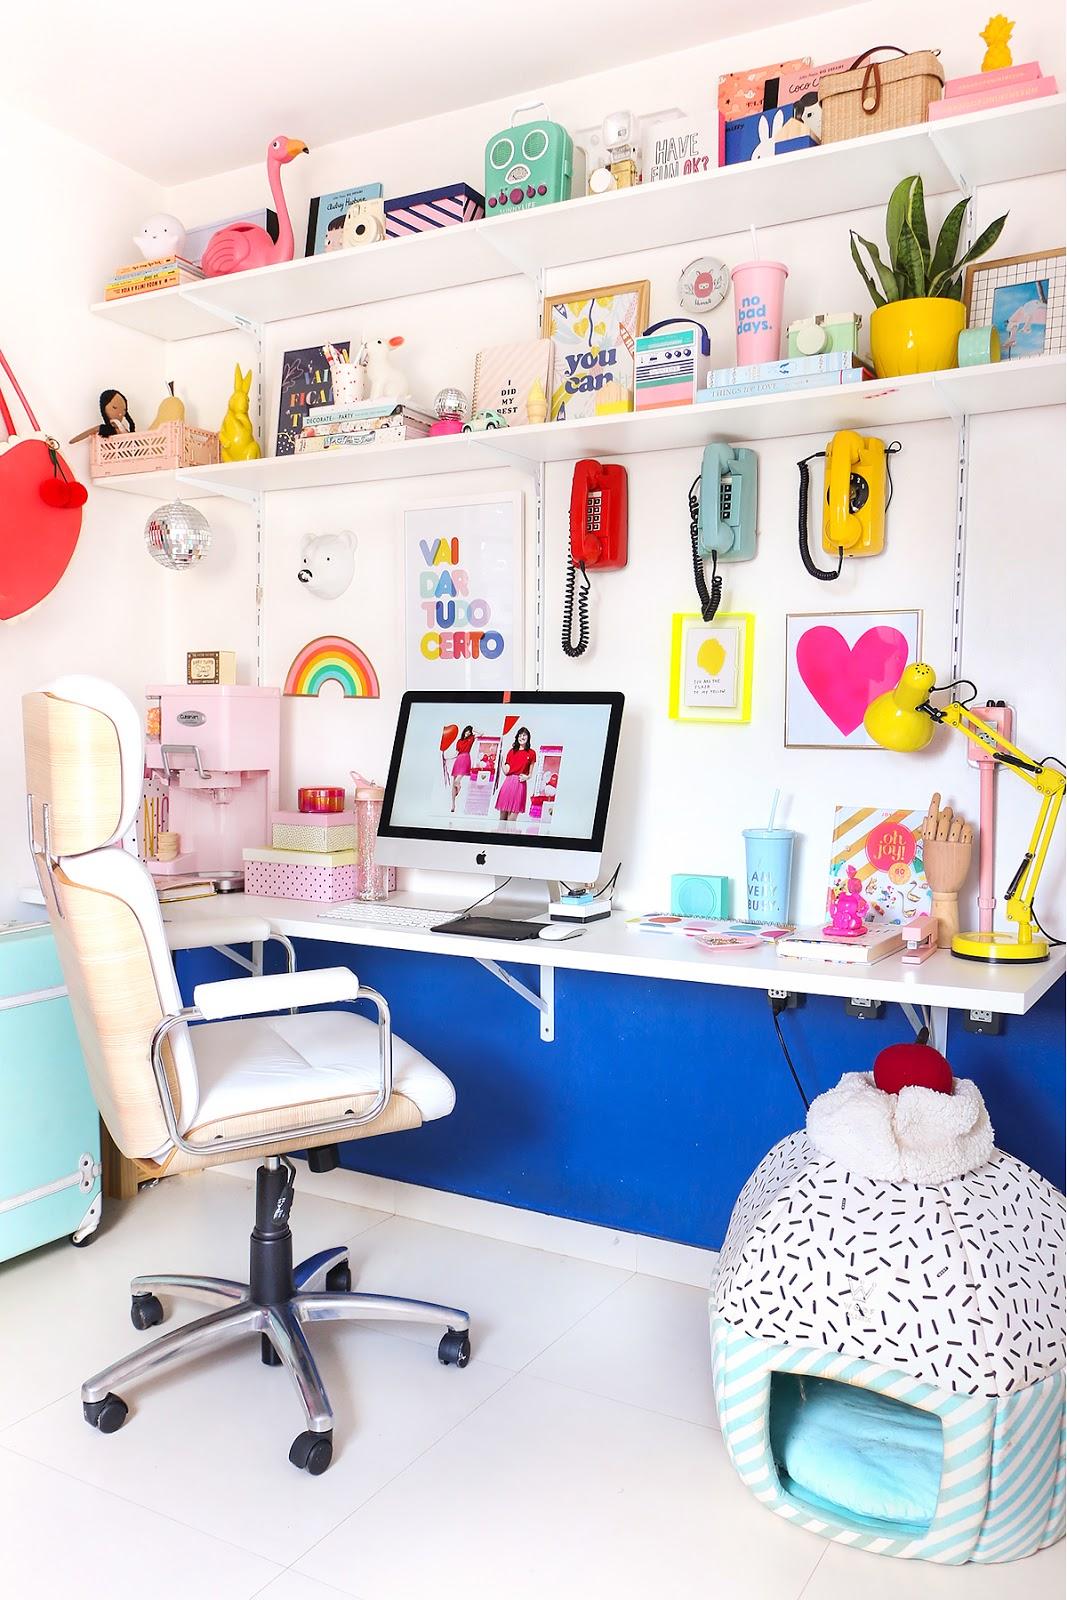 cadeira de escritorio branca confortavel tok stok